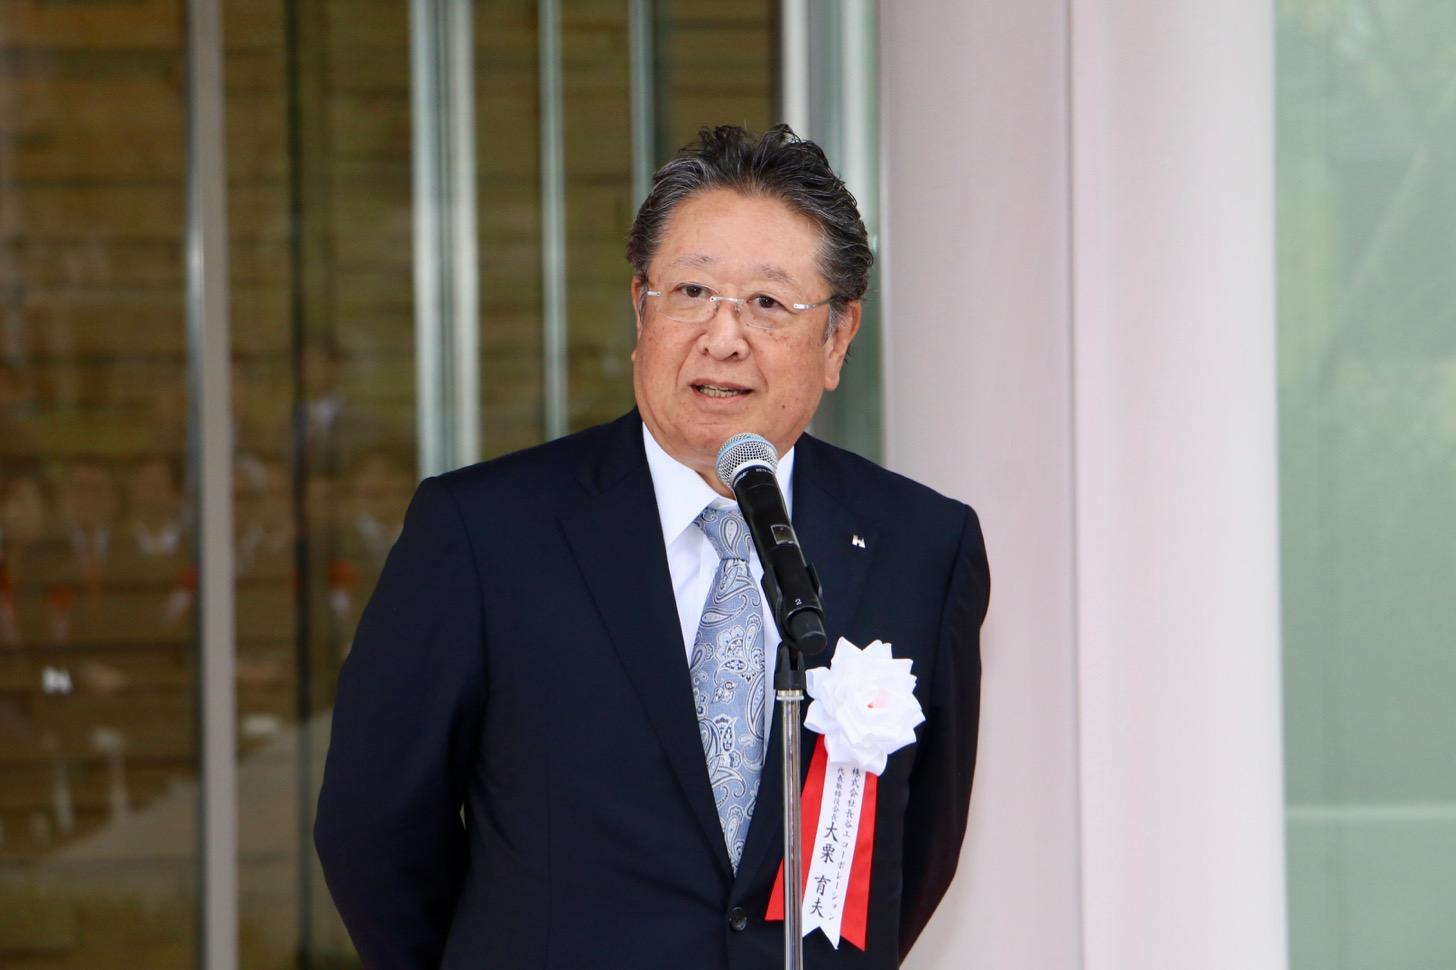 長谷工コーポレーション代表取締役会長 大栗 育夫さん